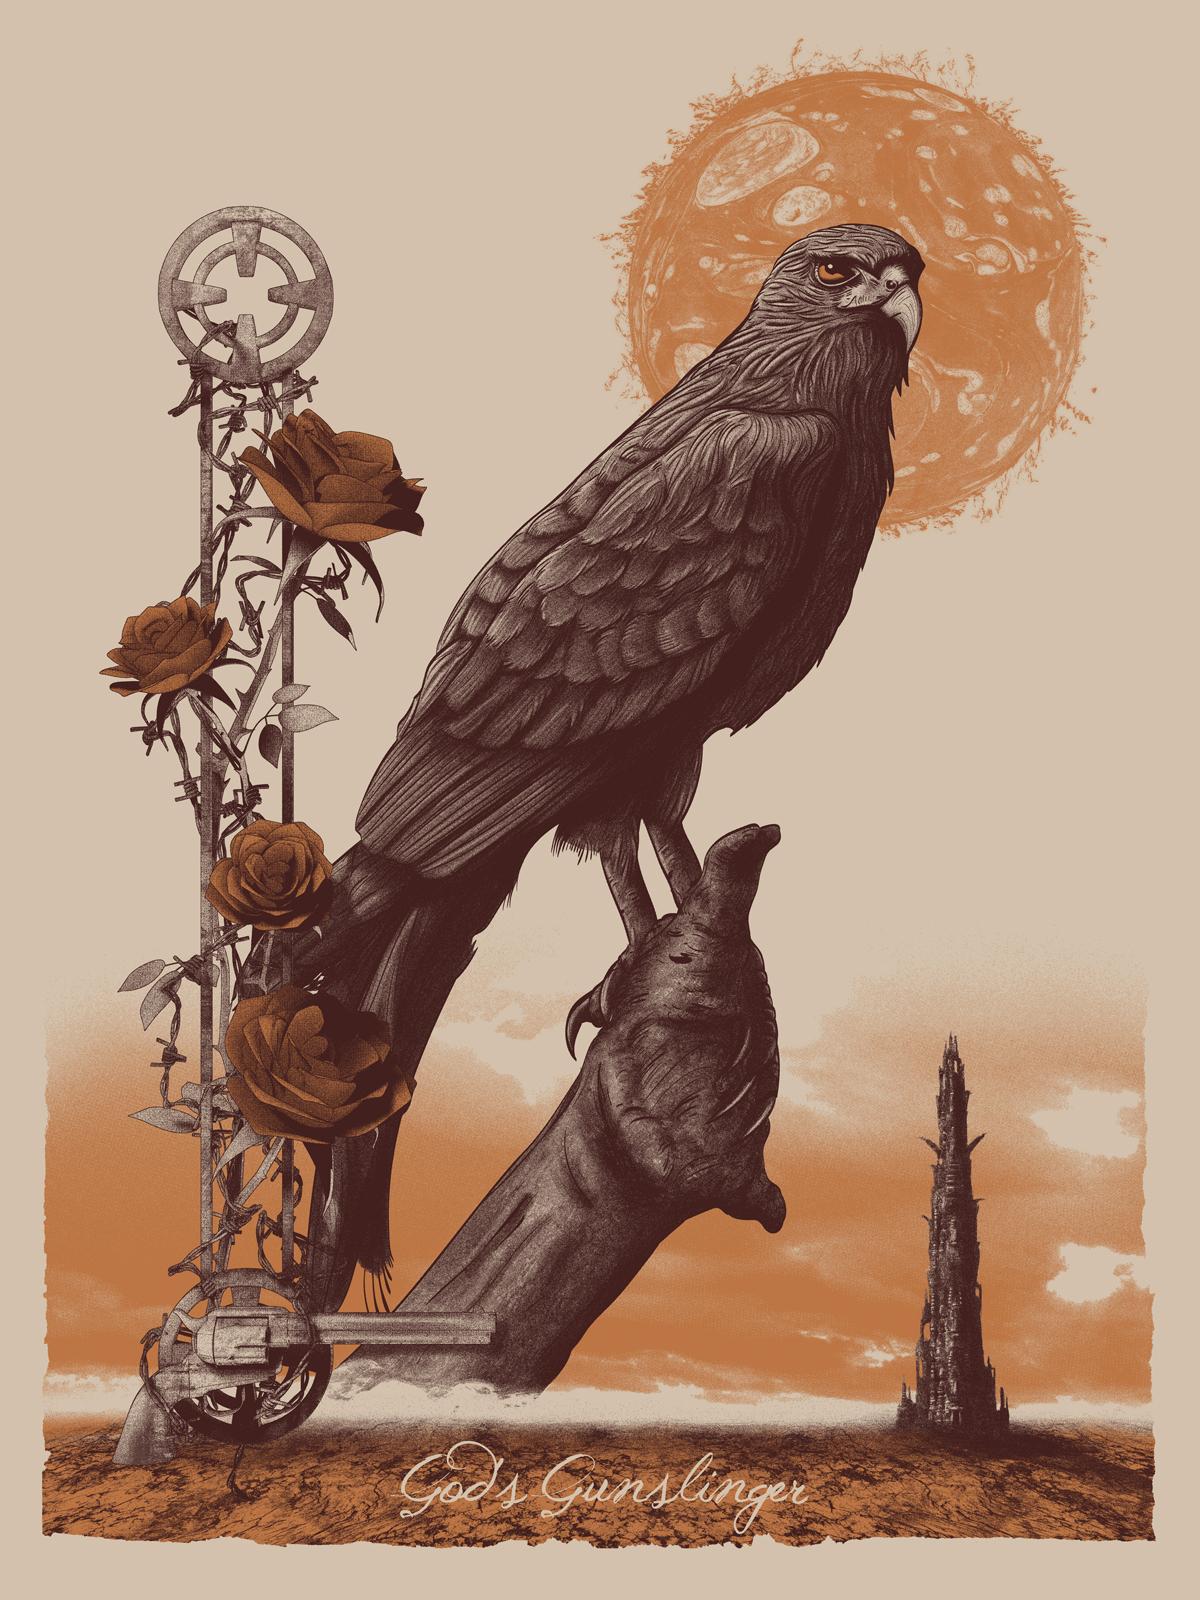 The-Dark-Tower-Gods-Gunslinger.jpg